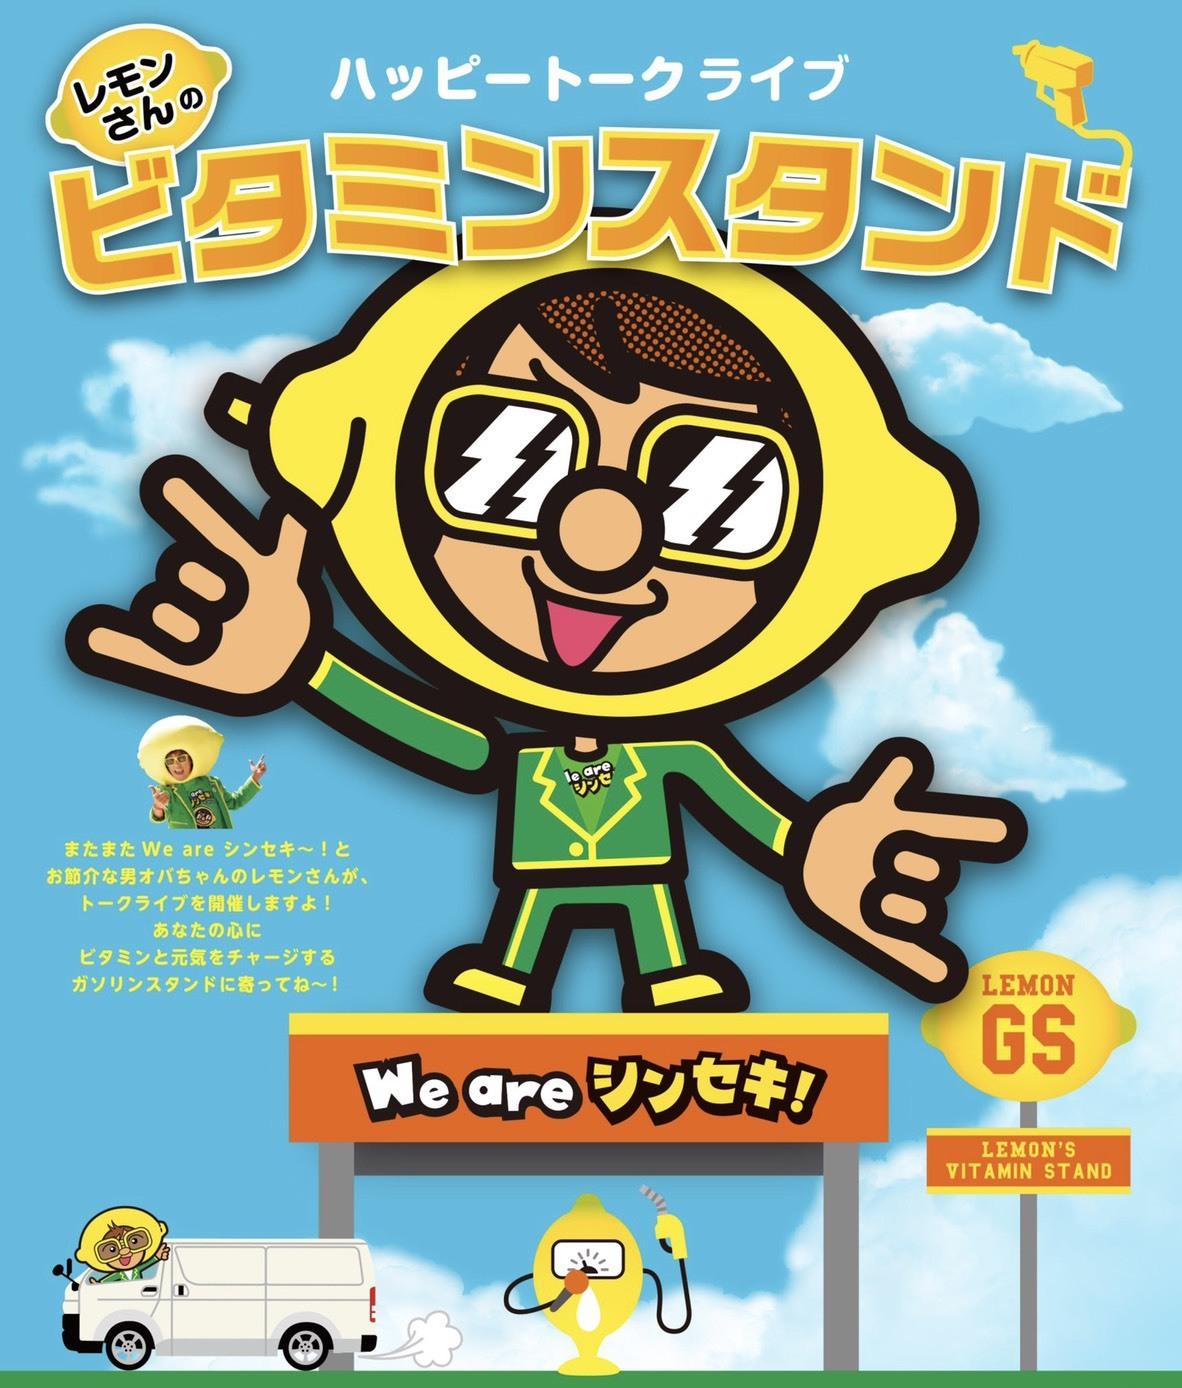 トークライブ「レモンさんのビタミンスタンド!vol.6」